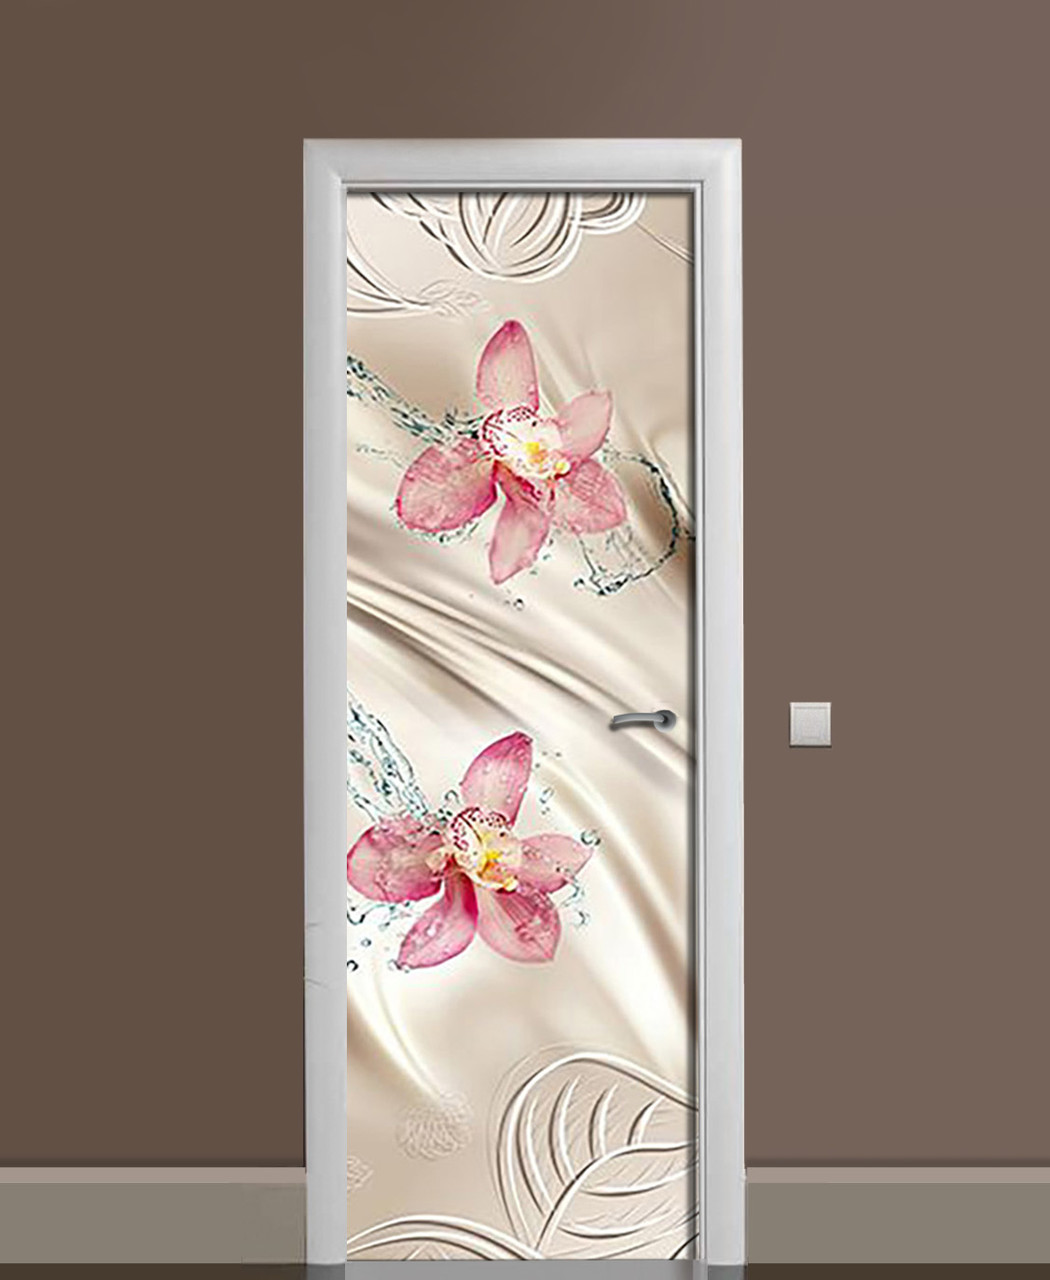 Вінілова наклейка на двері Шовк Вода Орхідеї ПВХ плівка з ламінуванням 65*200см Текстура Бежевий